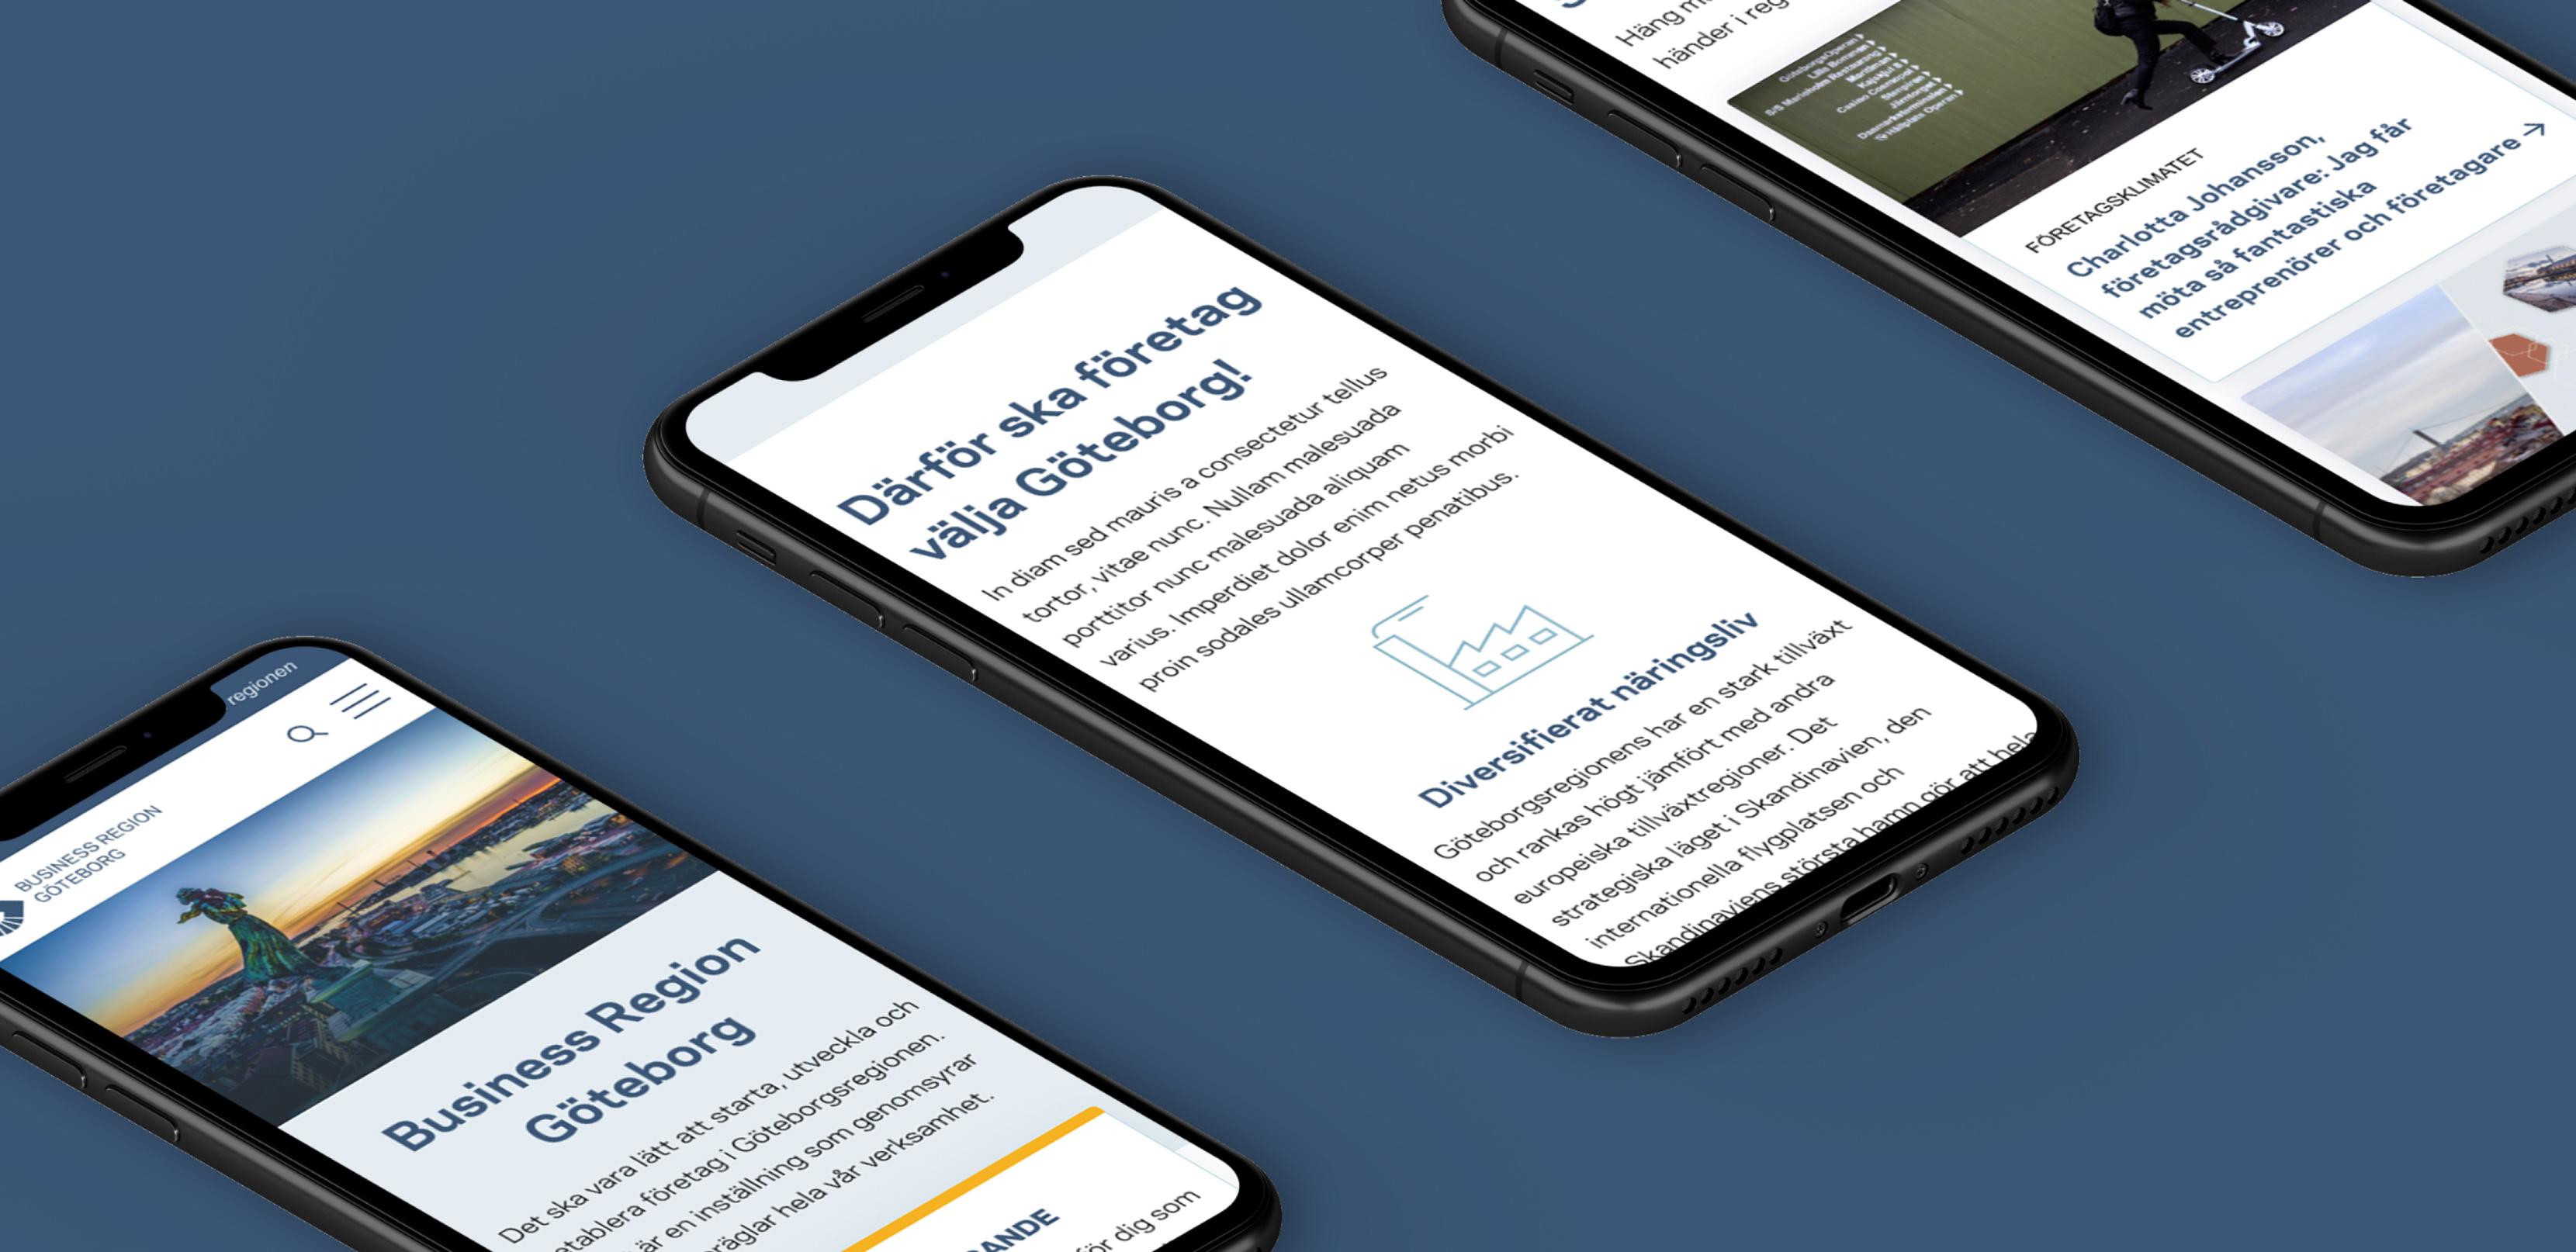 tre stycken iphone som visar upp Business region Göteborgs nya hemsida från en mobil vy